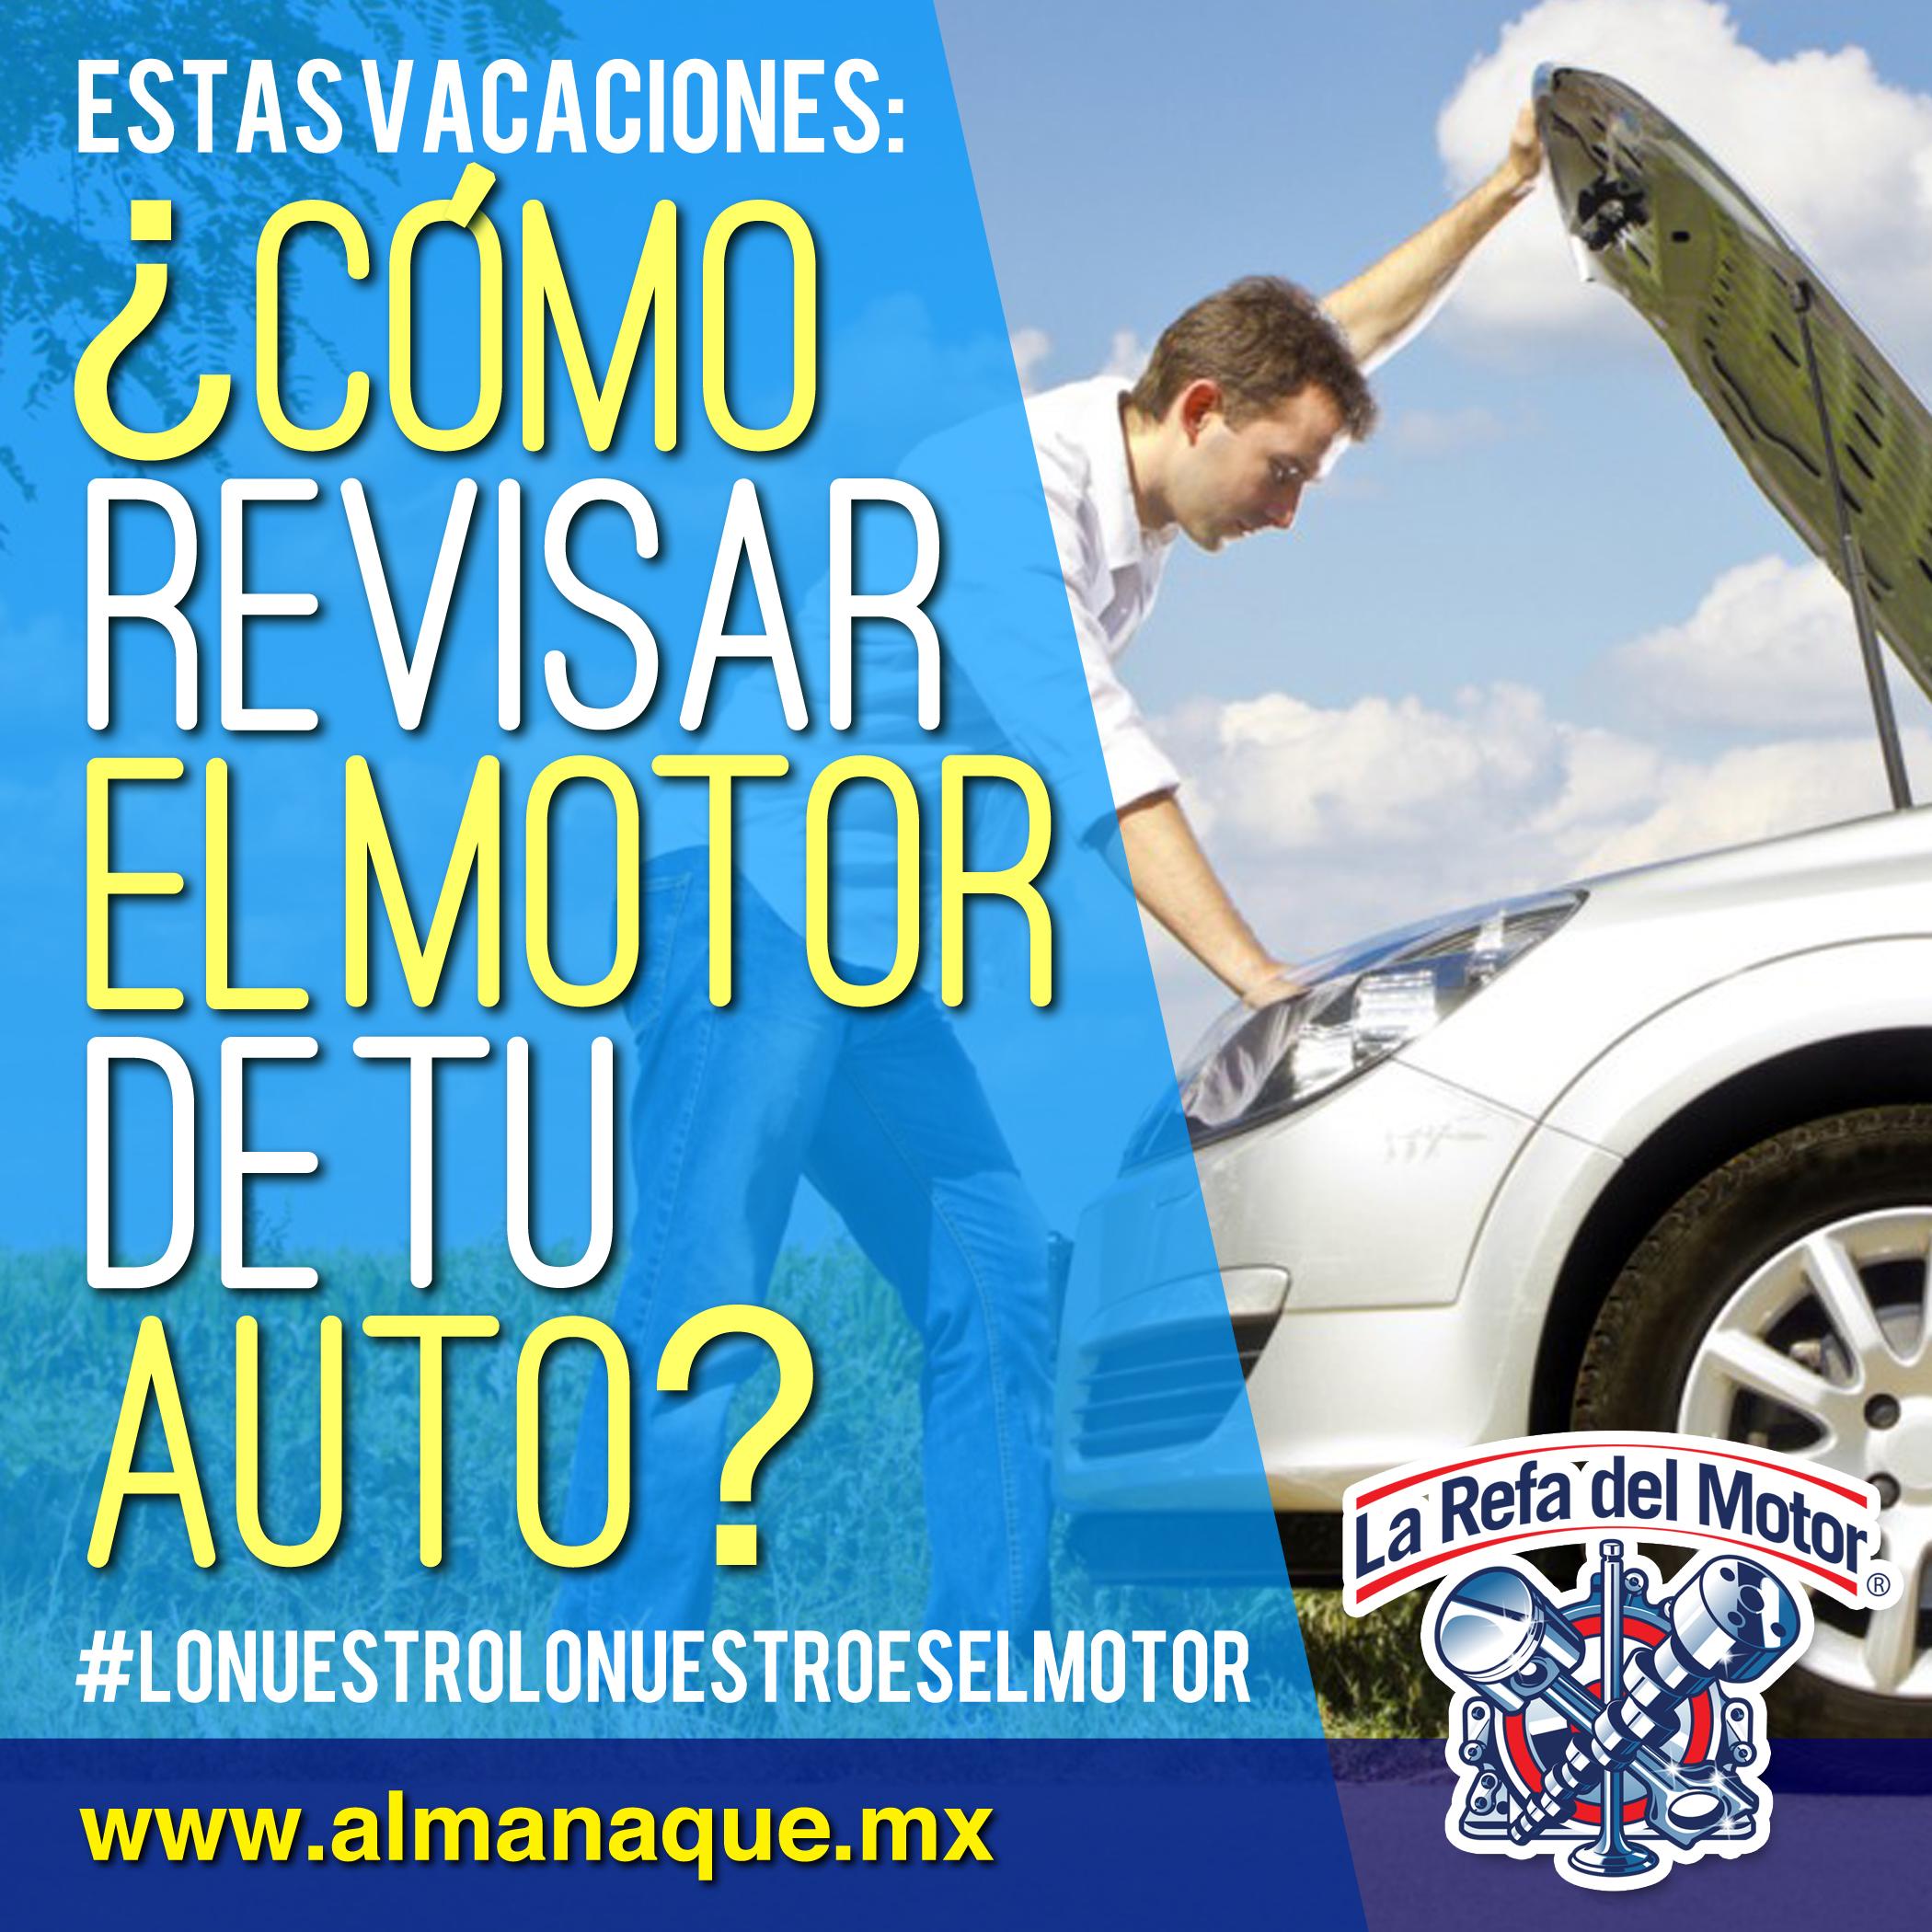 la-refa-del-motor-almanaque-mx-blog